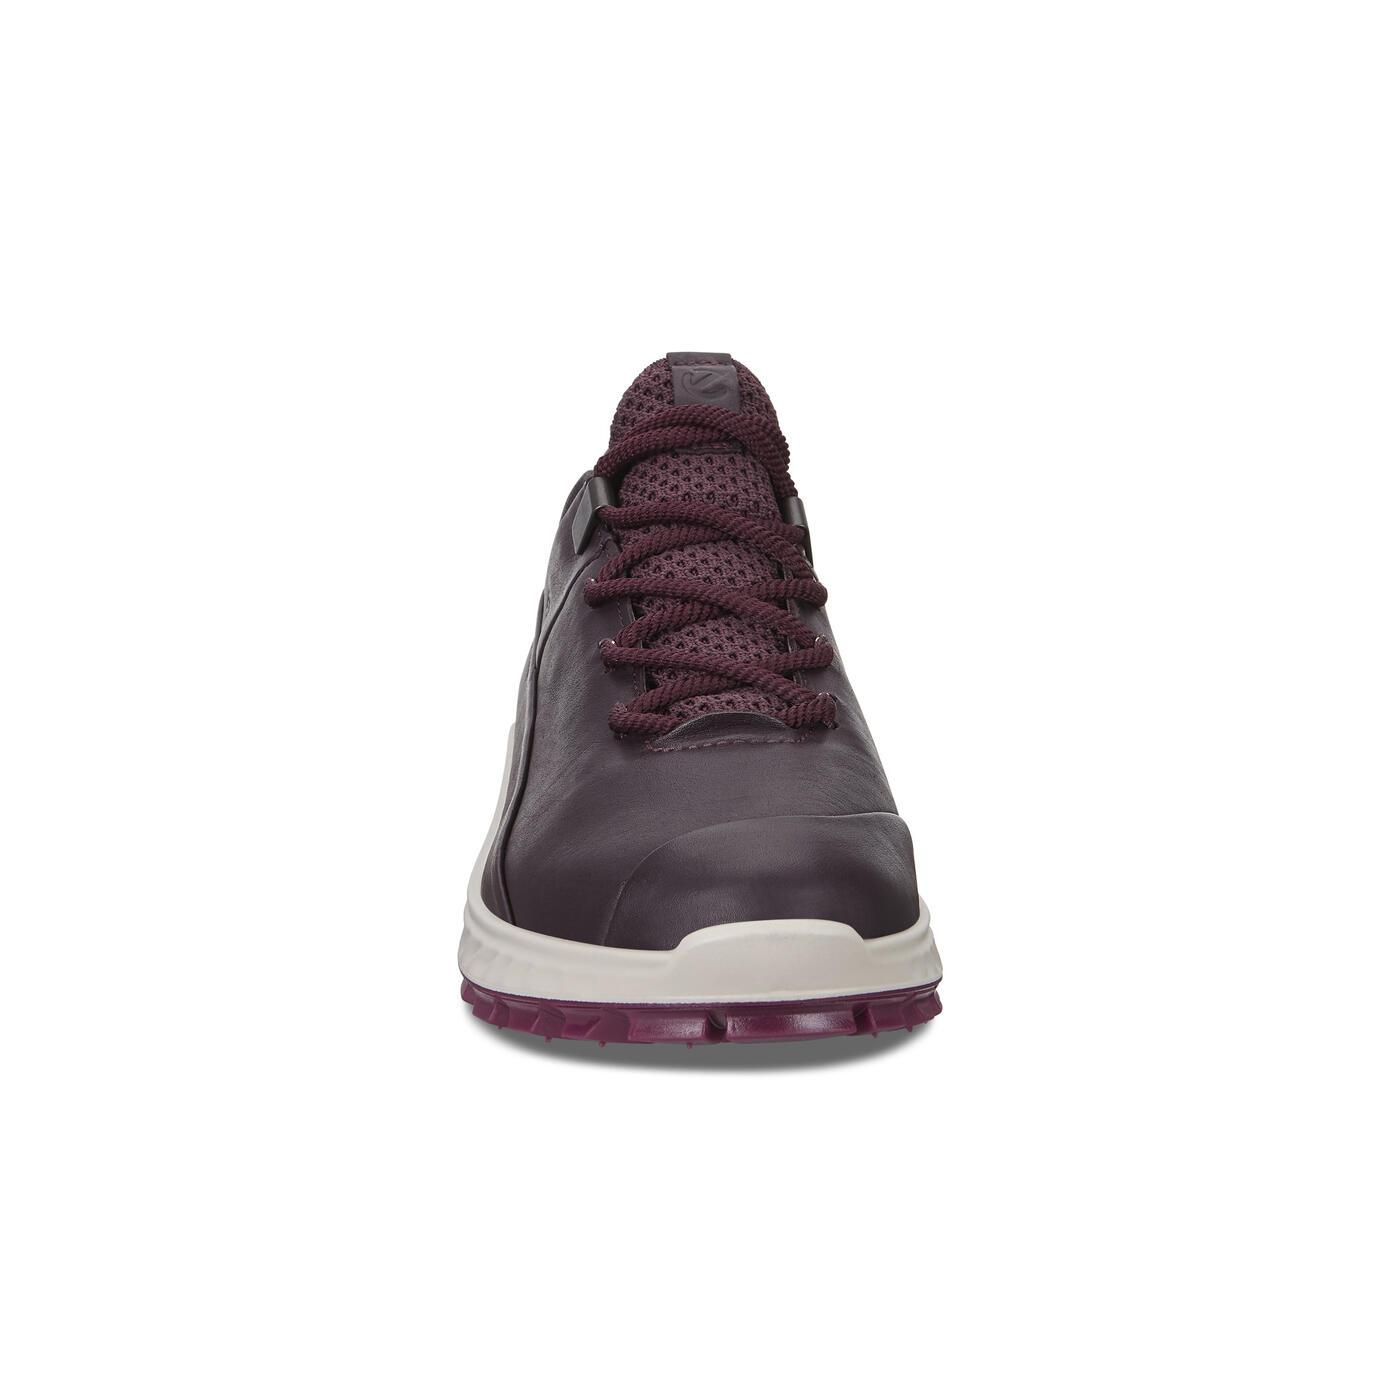 ECCO Exostrike GTX Women's Shoe